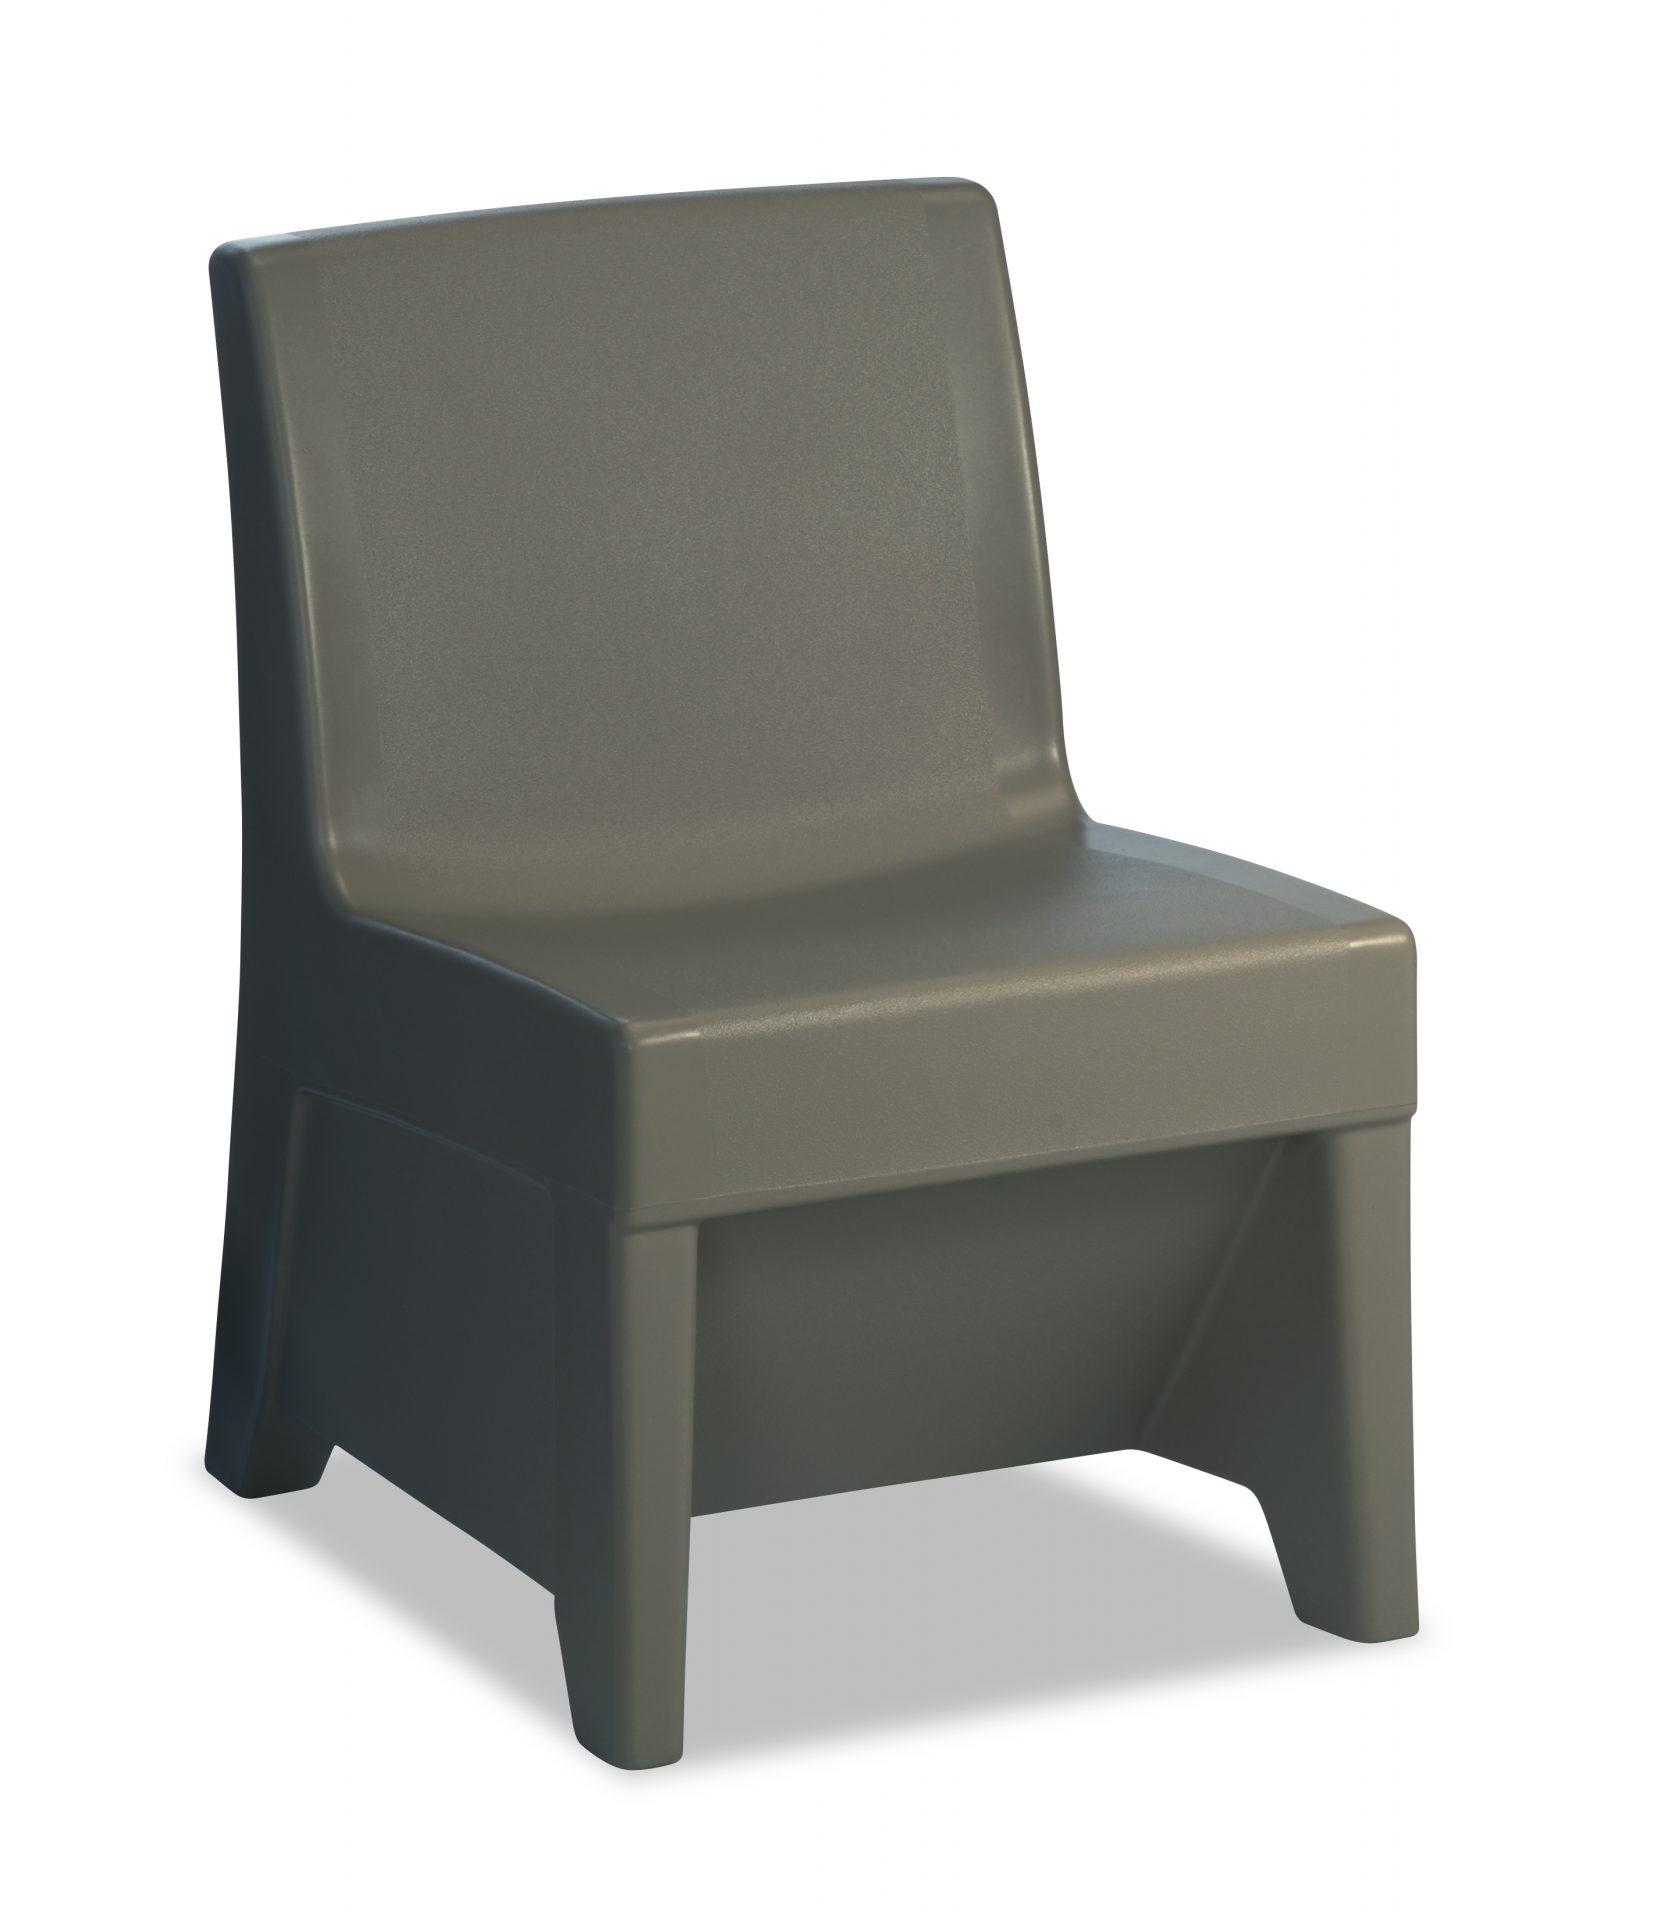 Graphite color ligature resistant chair